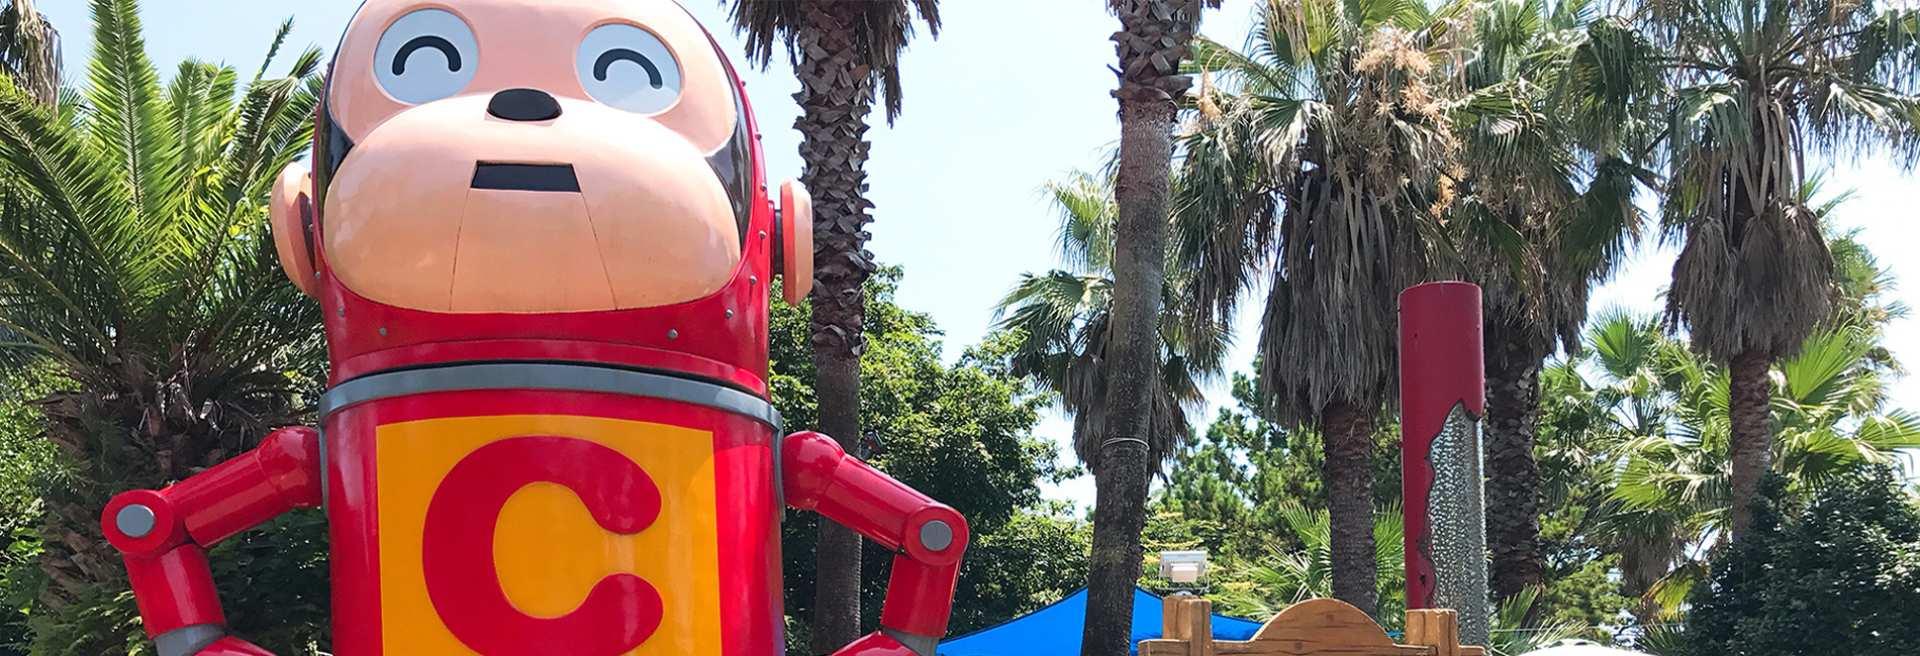 【濟州島親子同樂】濟州香腸猴公園門票